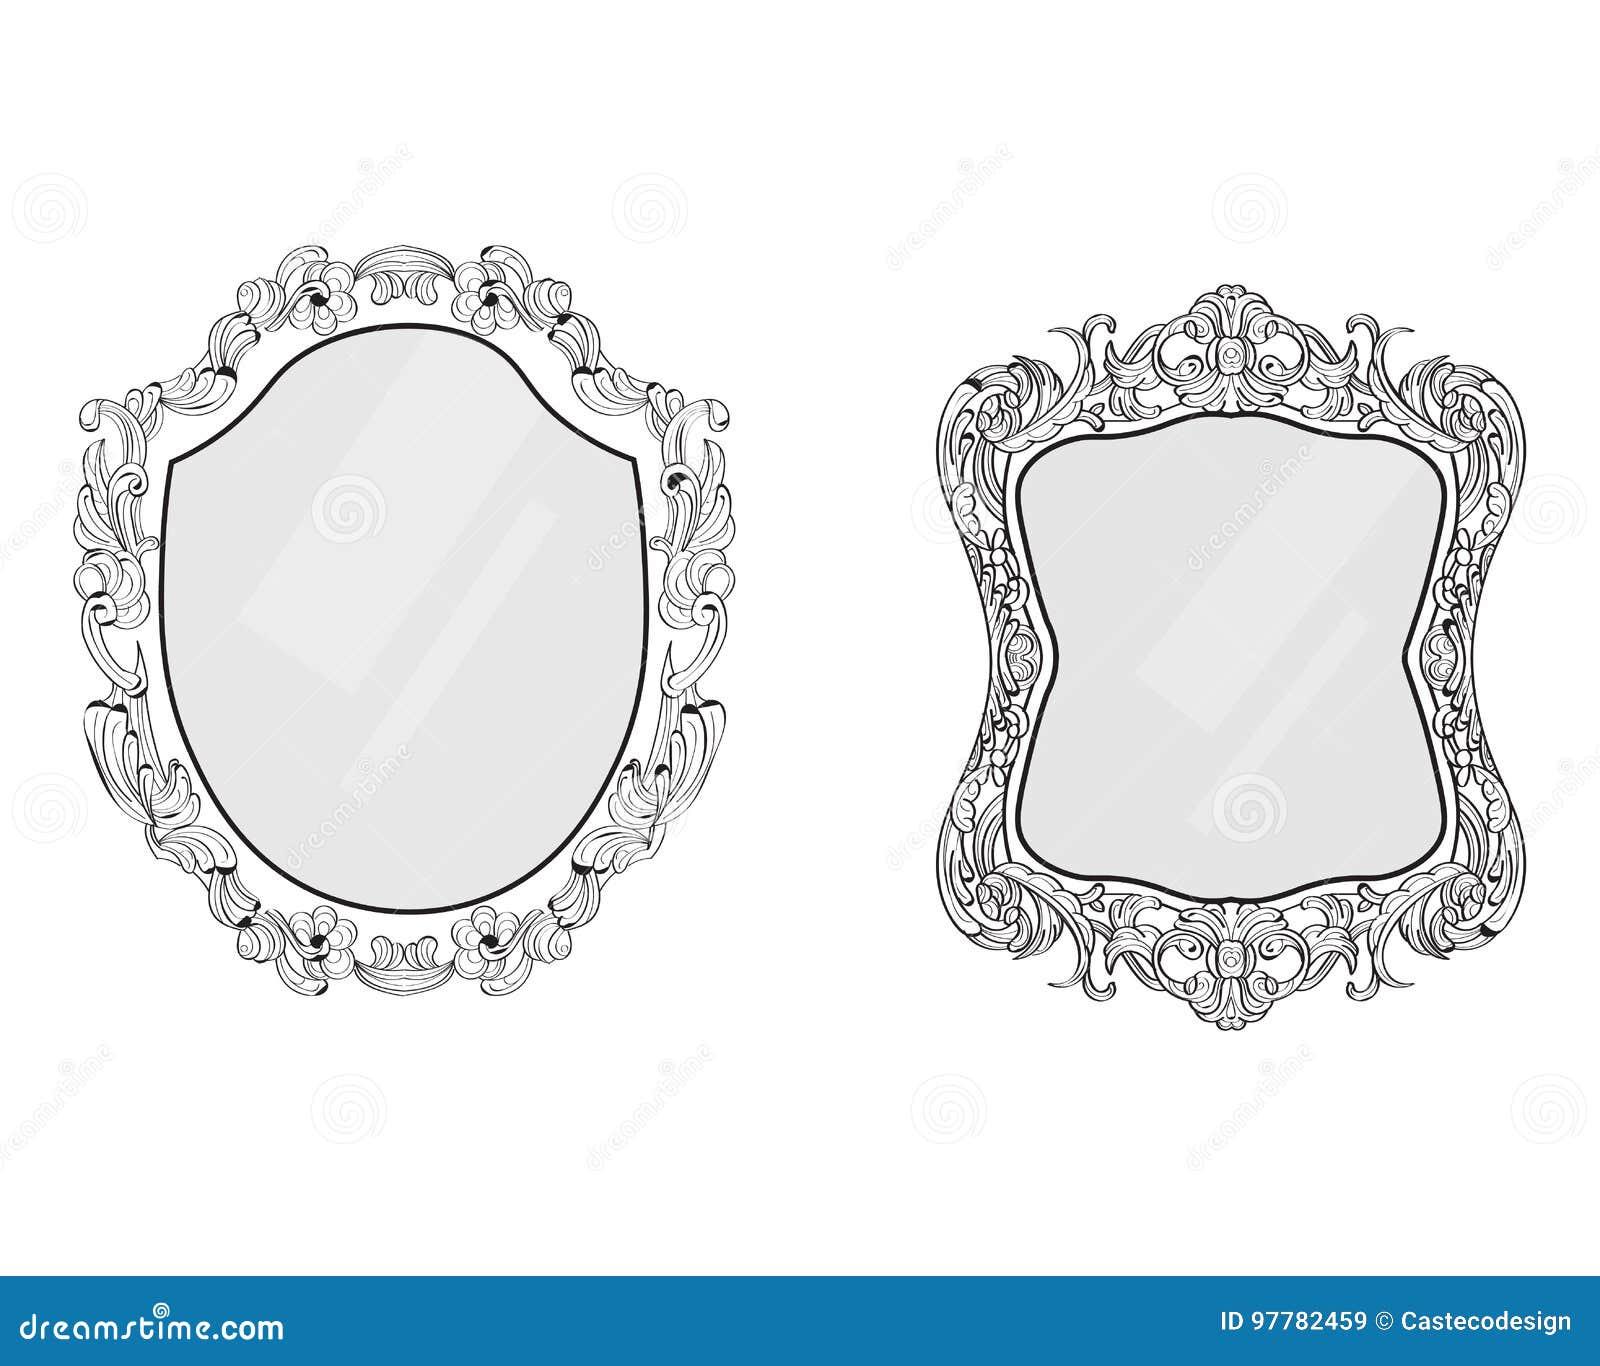 Verzierter Spiegel- Oder Fotorahmen Es Kann Für Leistung Der ...